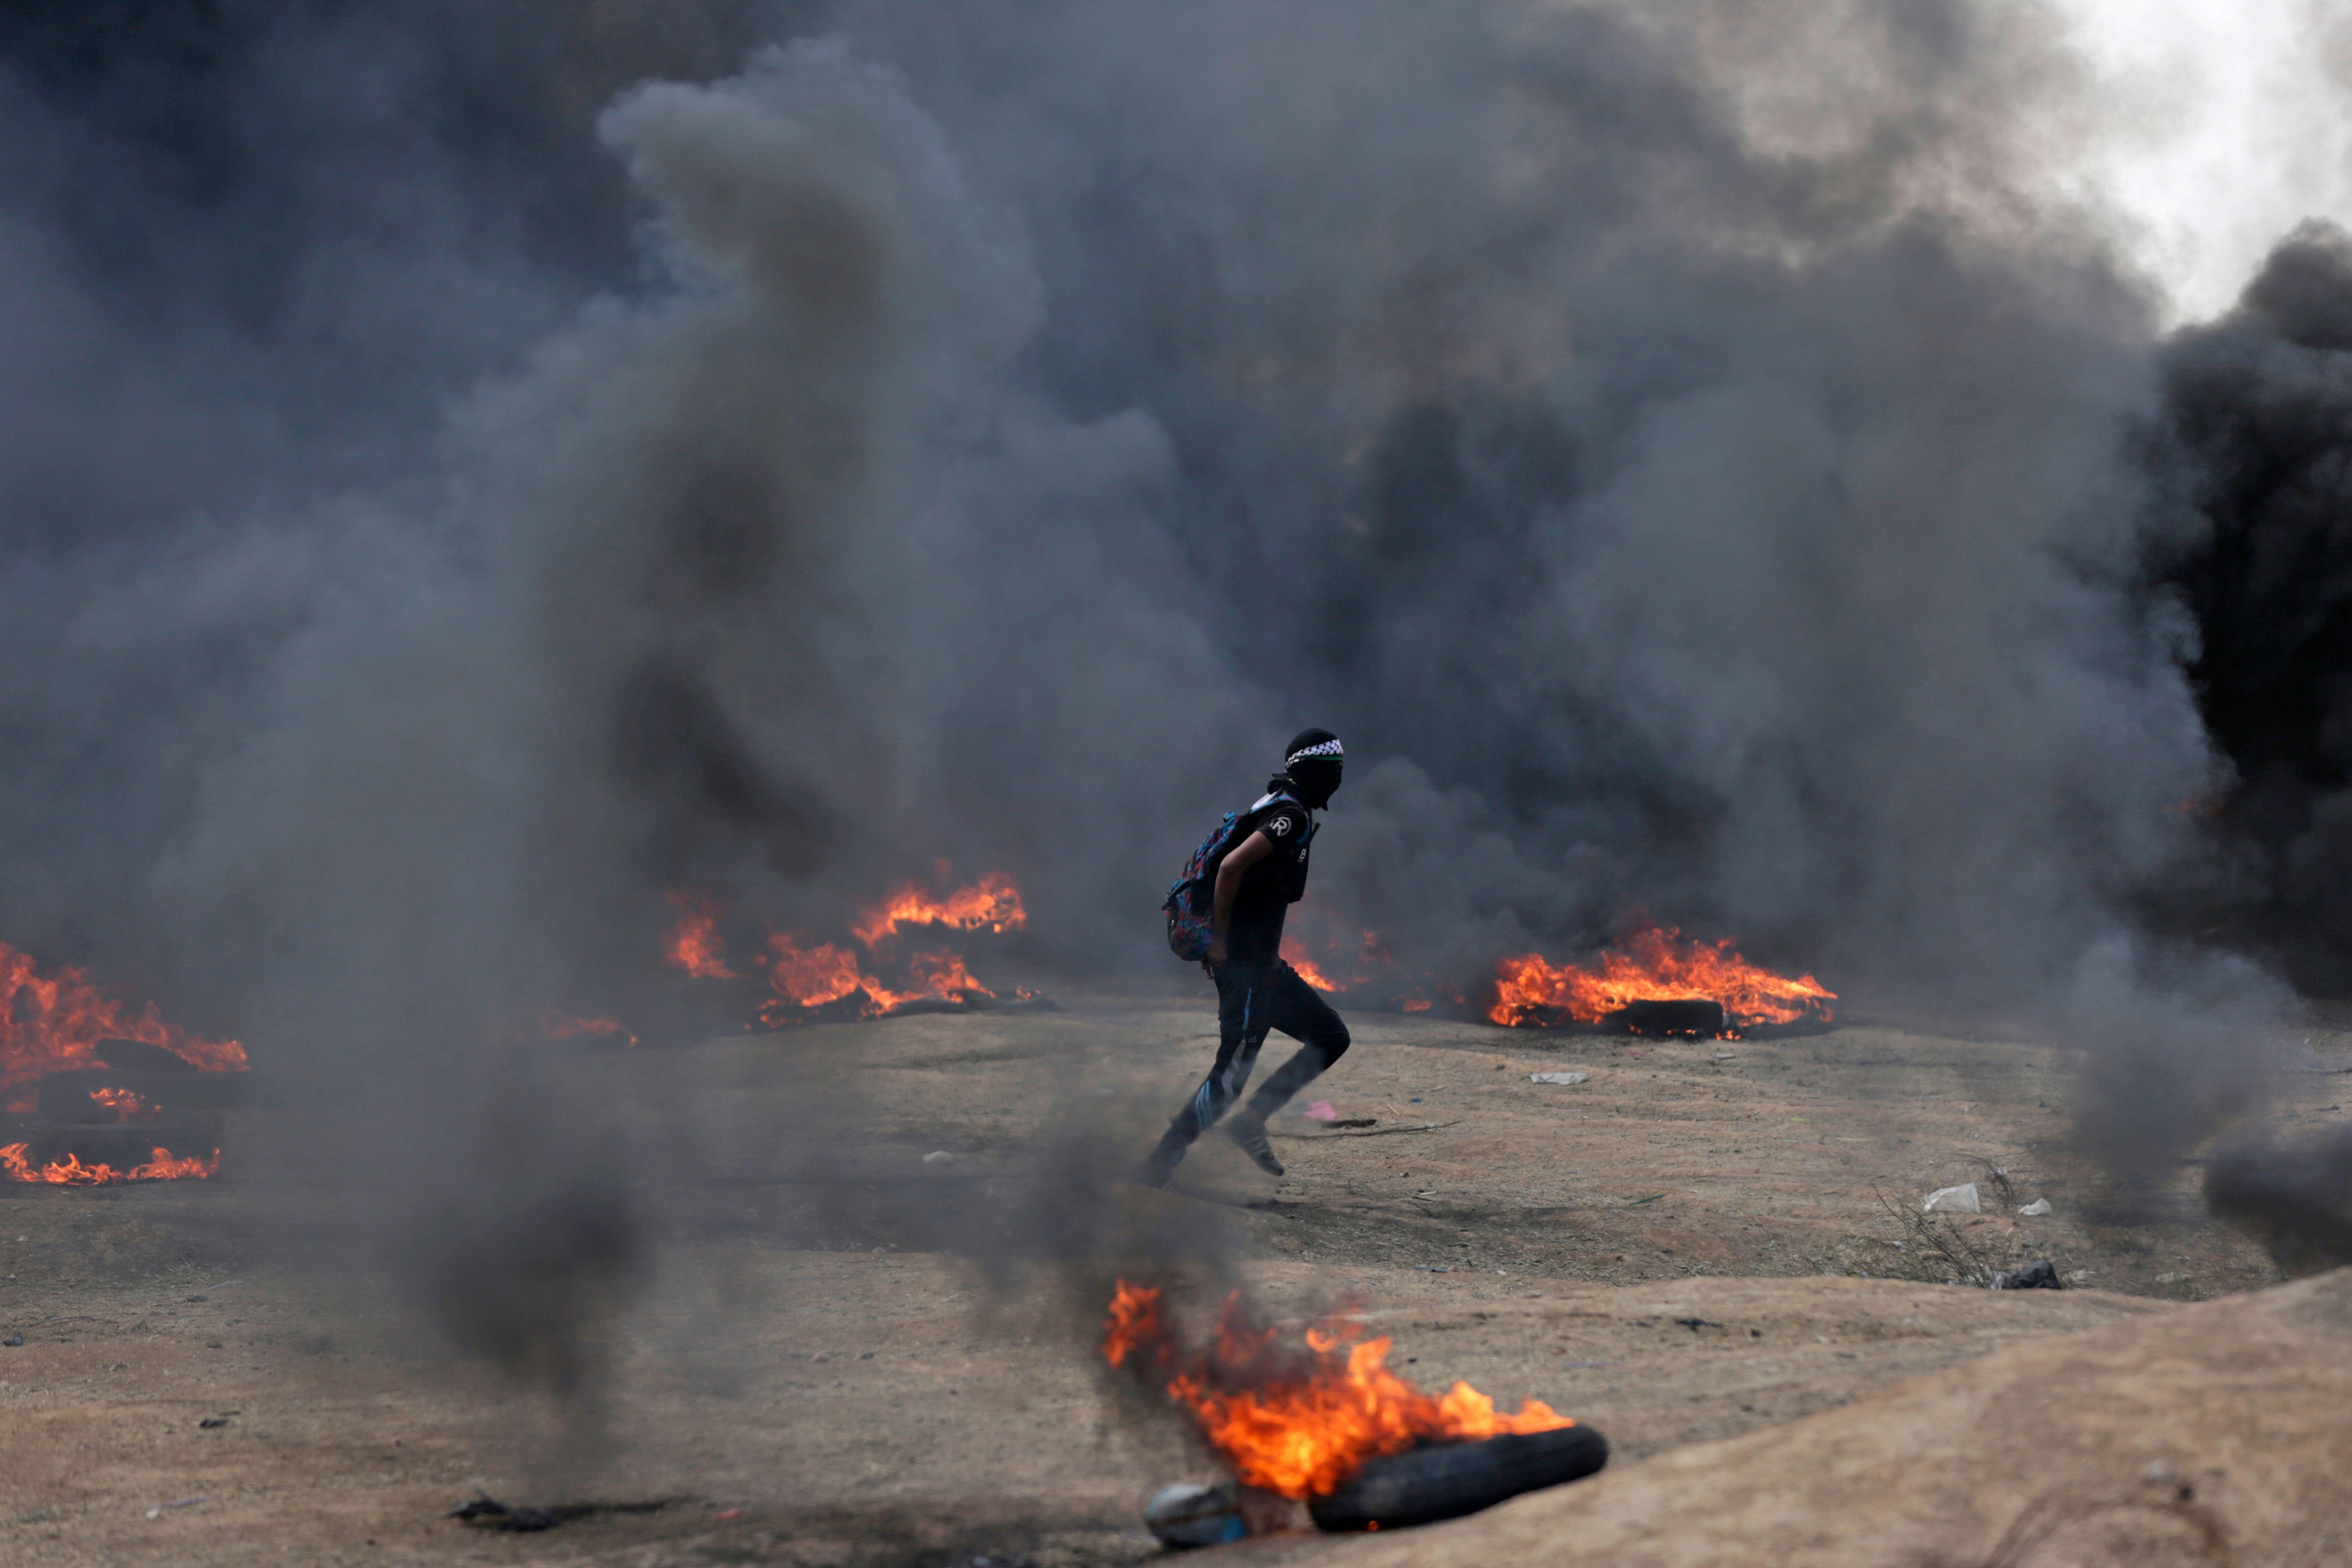 شاب فلسطينى يهرول وسط النيران على حدود غزة